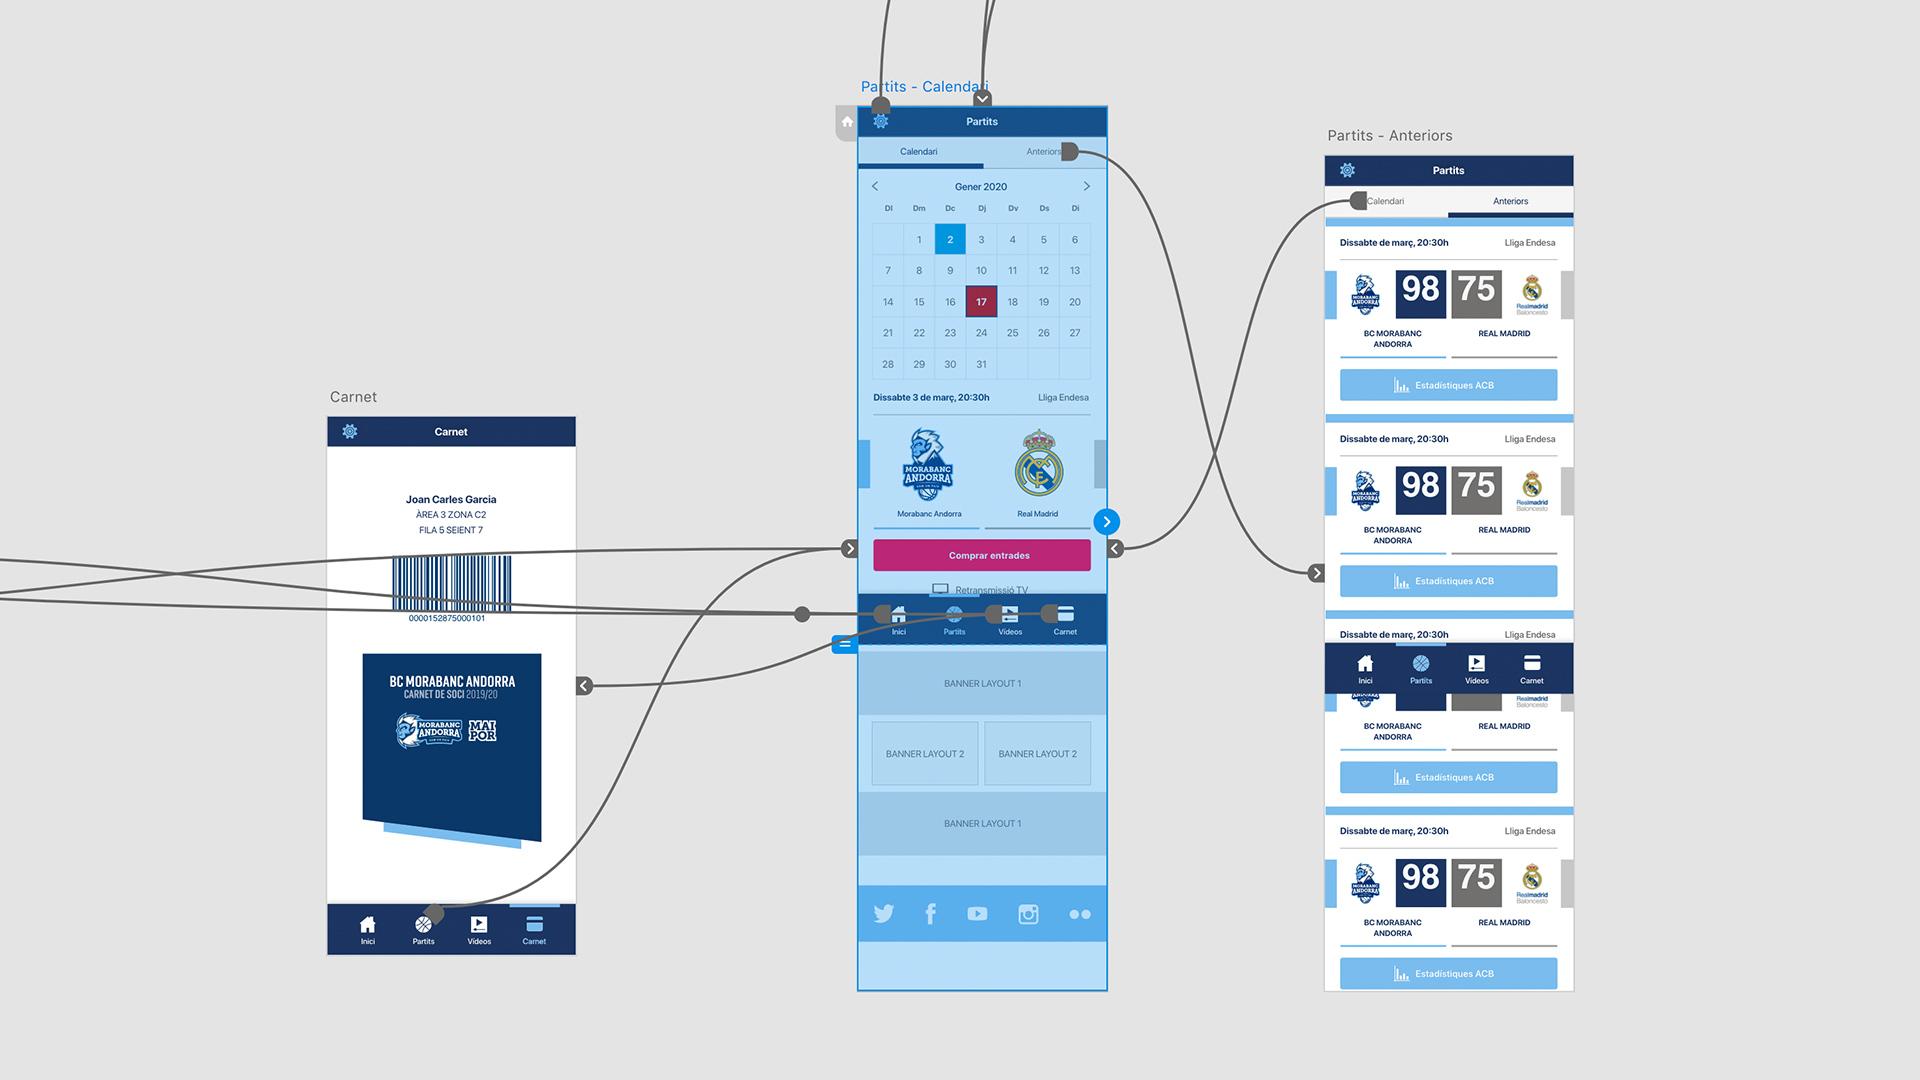 Diseño UX UI App BC Morabanc Andorra 4